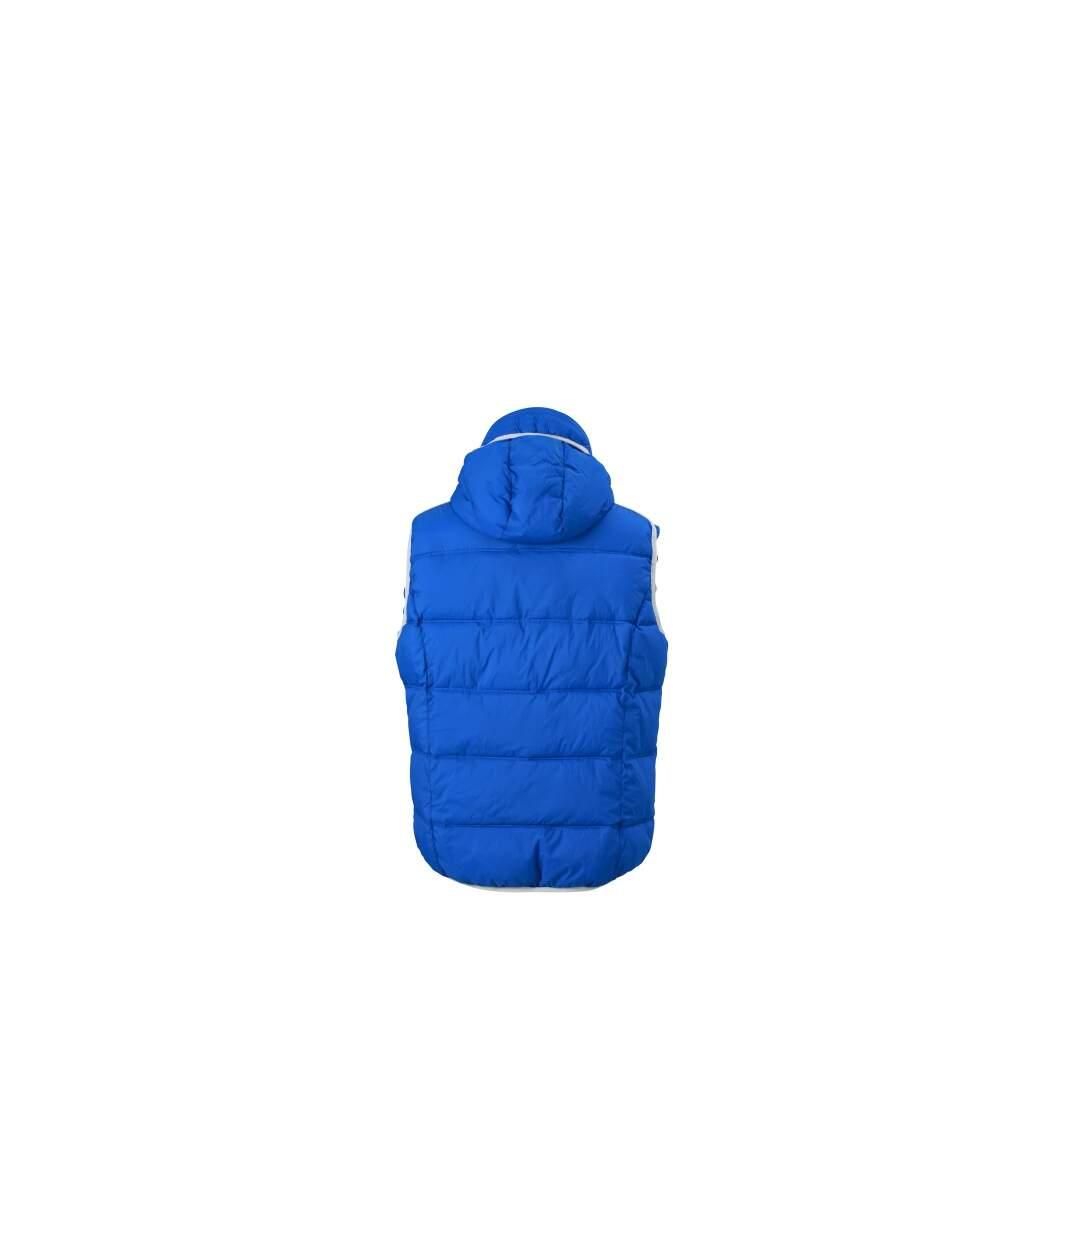 Doudoune sans manches pour homme - JN1076 - bleu nautique